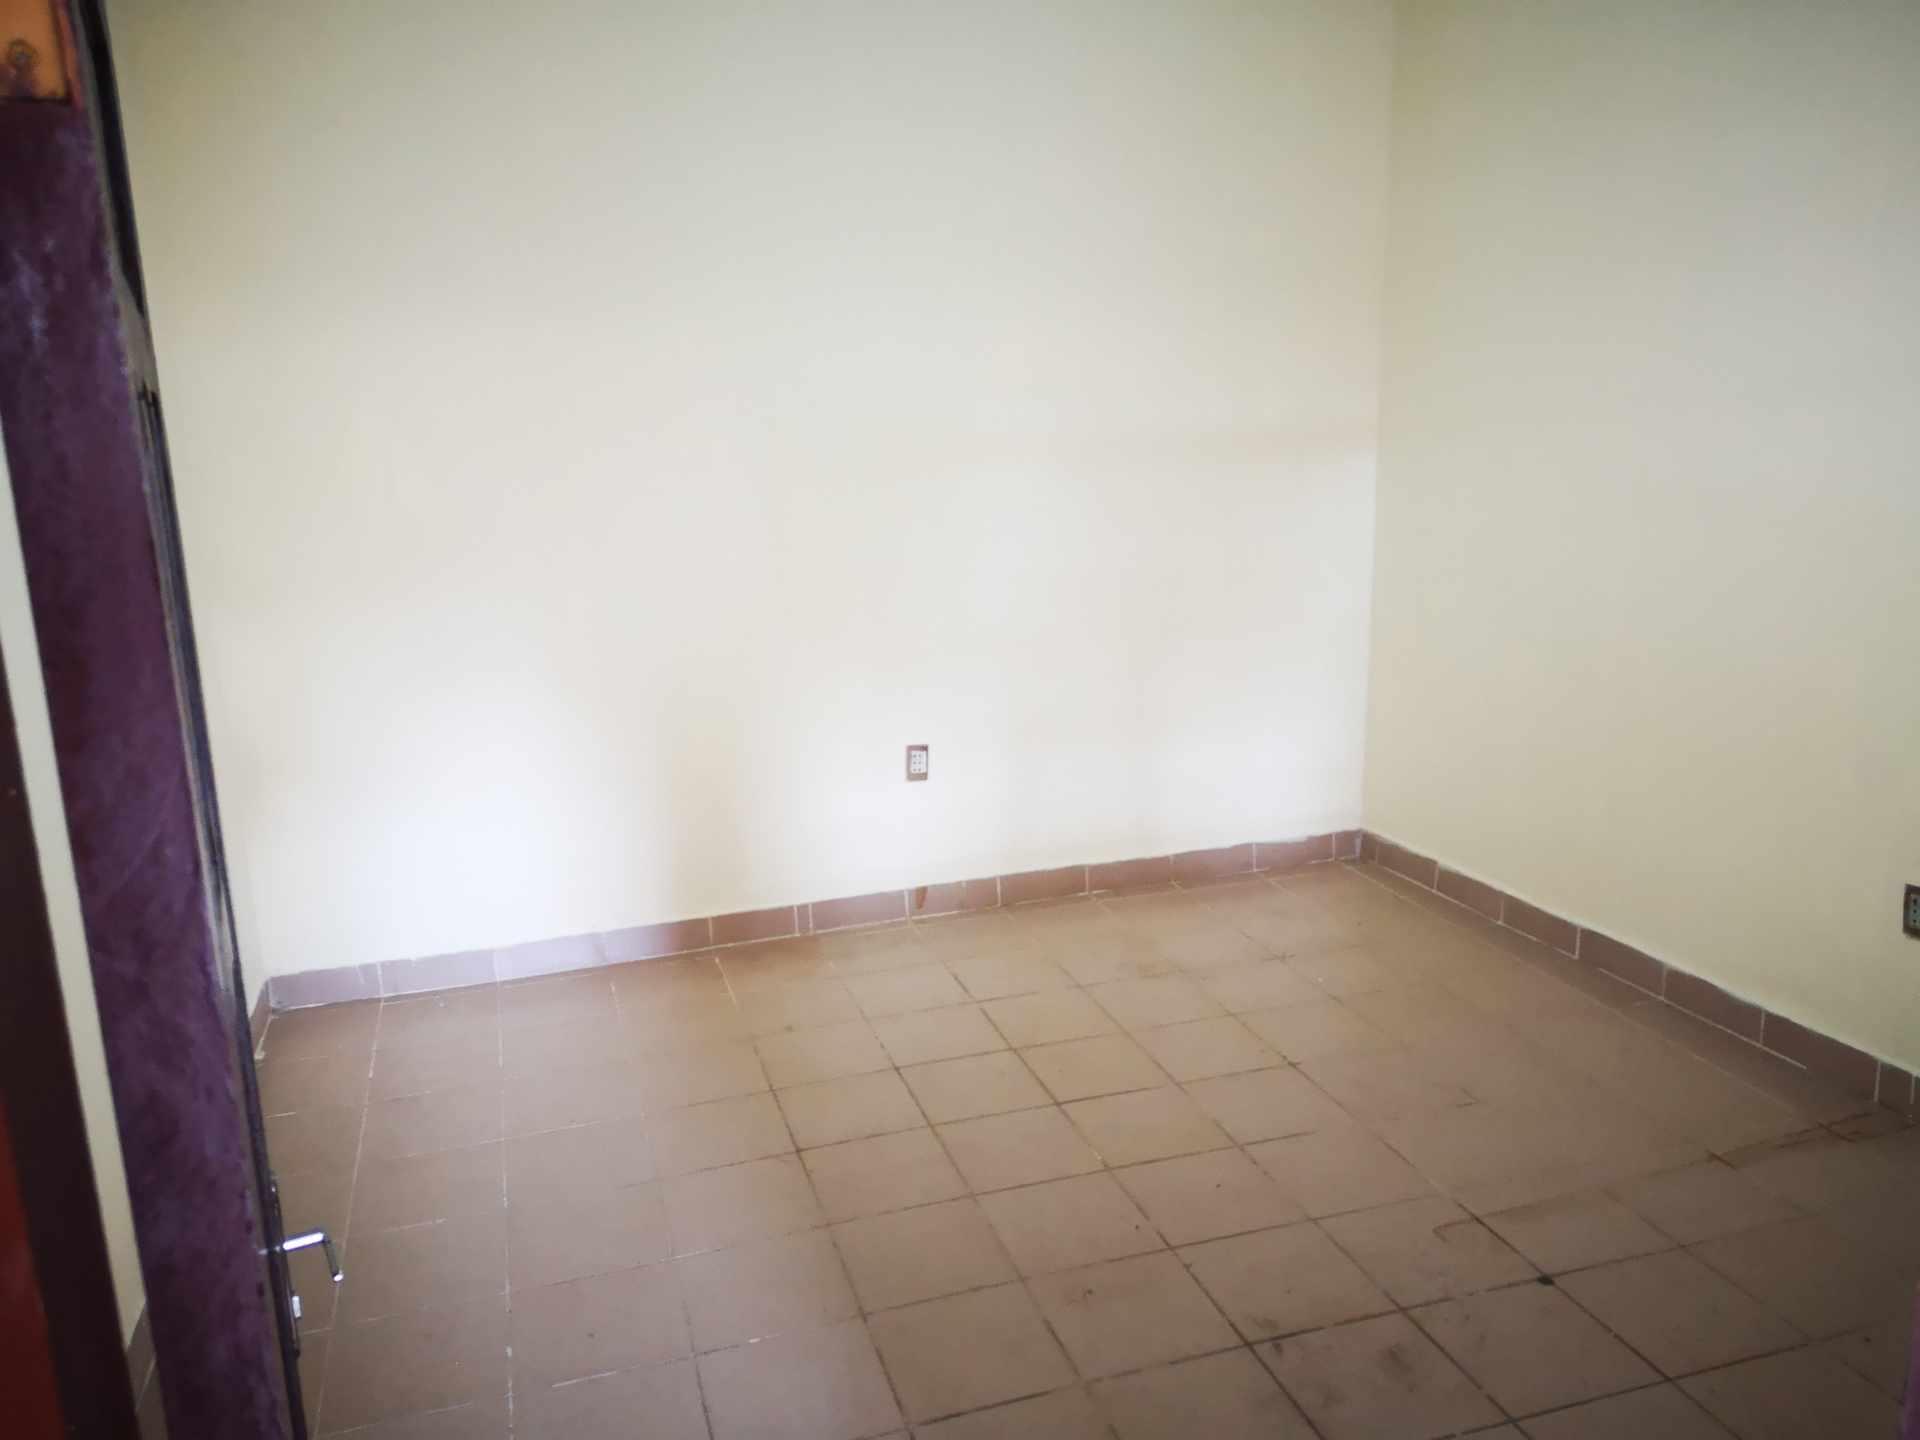 Casa en Alquiler Entre 4to y 5to anilo, entre Radial 10 y Av Sudamericana Calle Asoka Foto 5